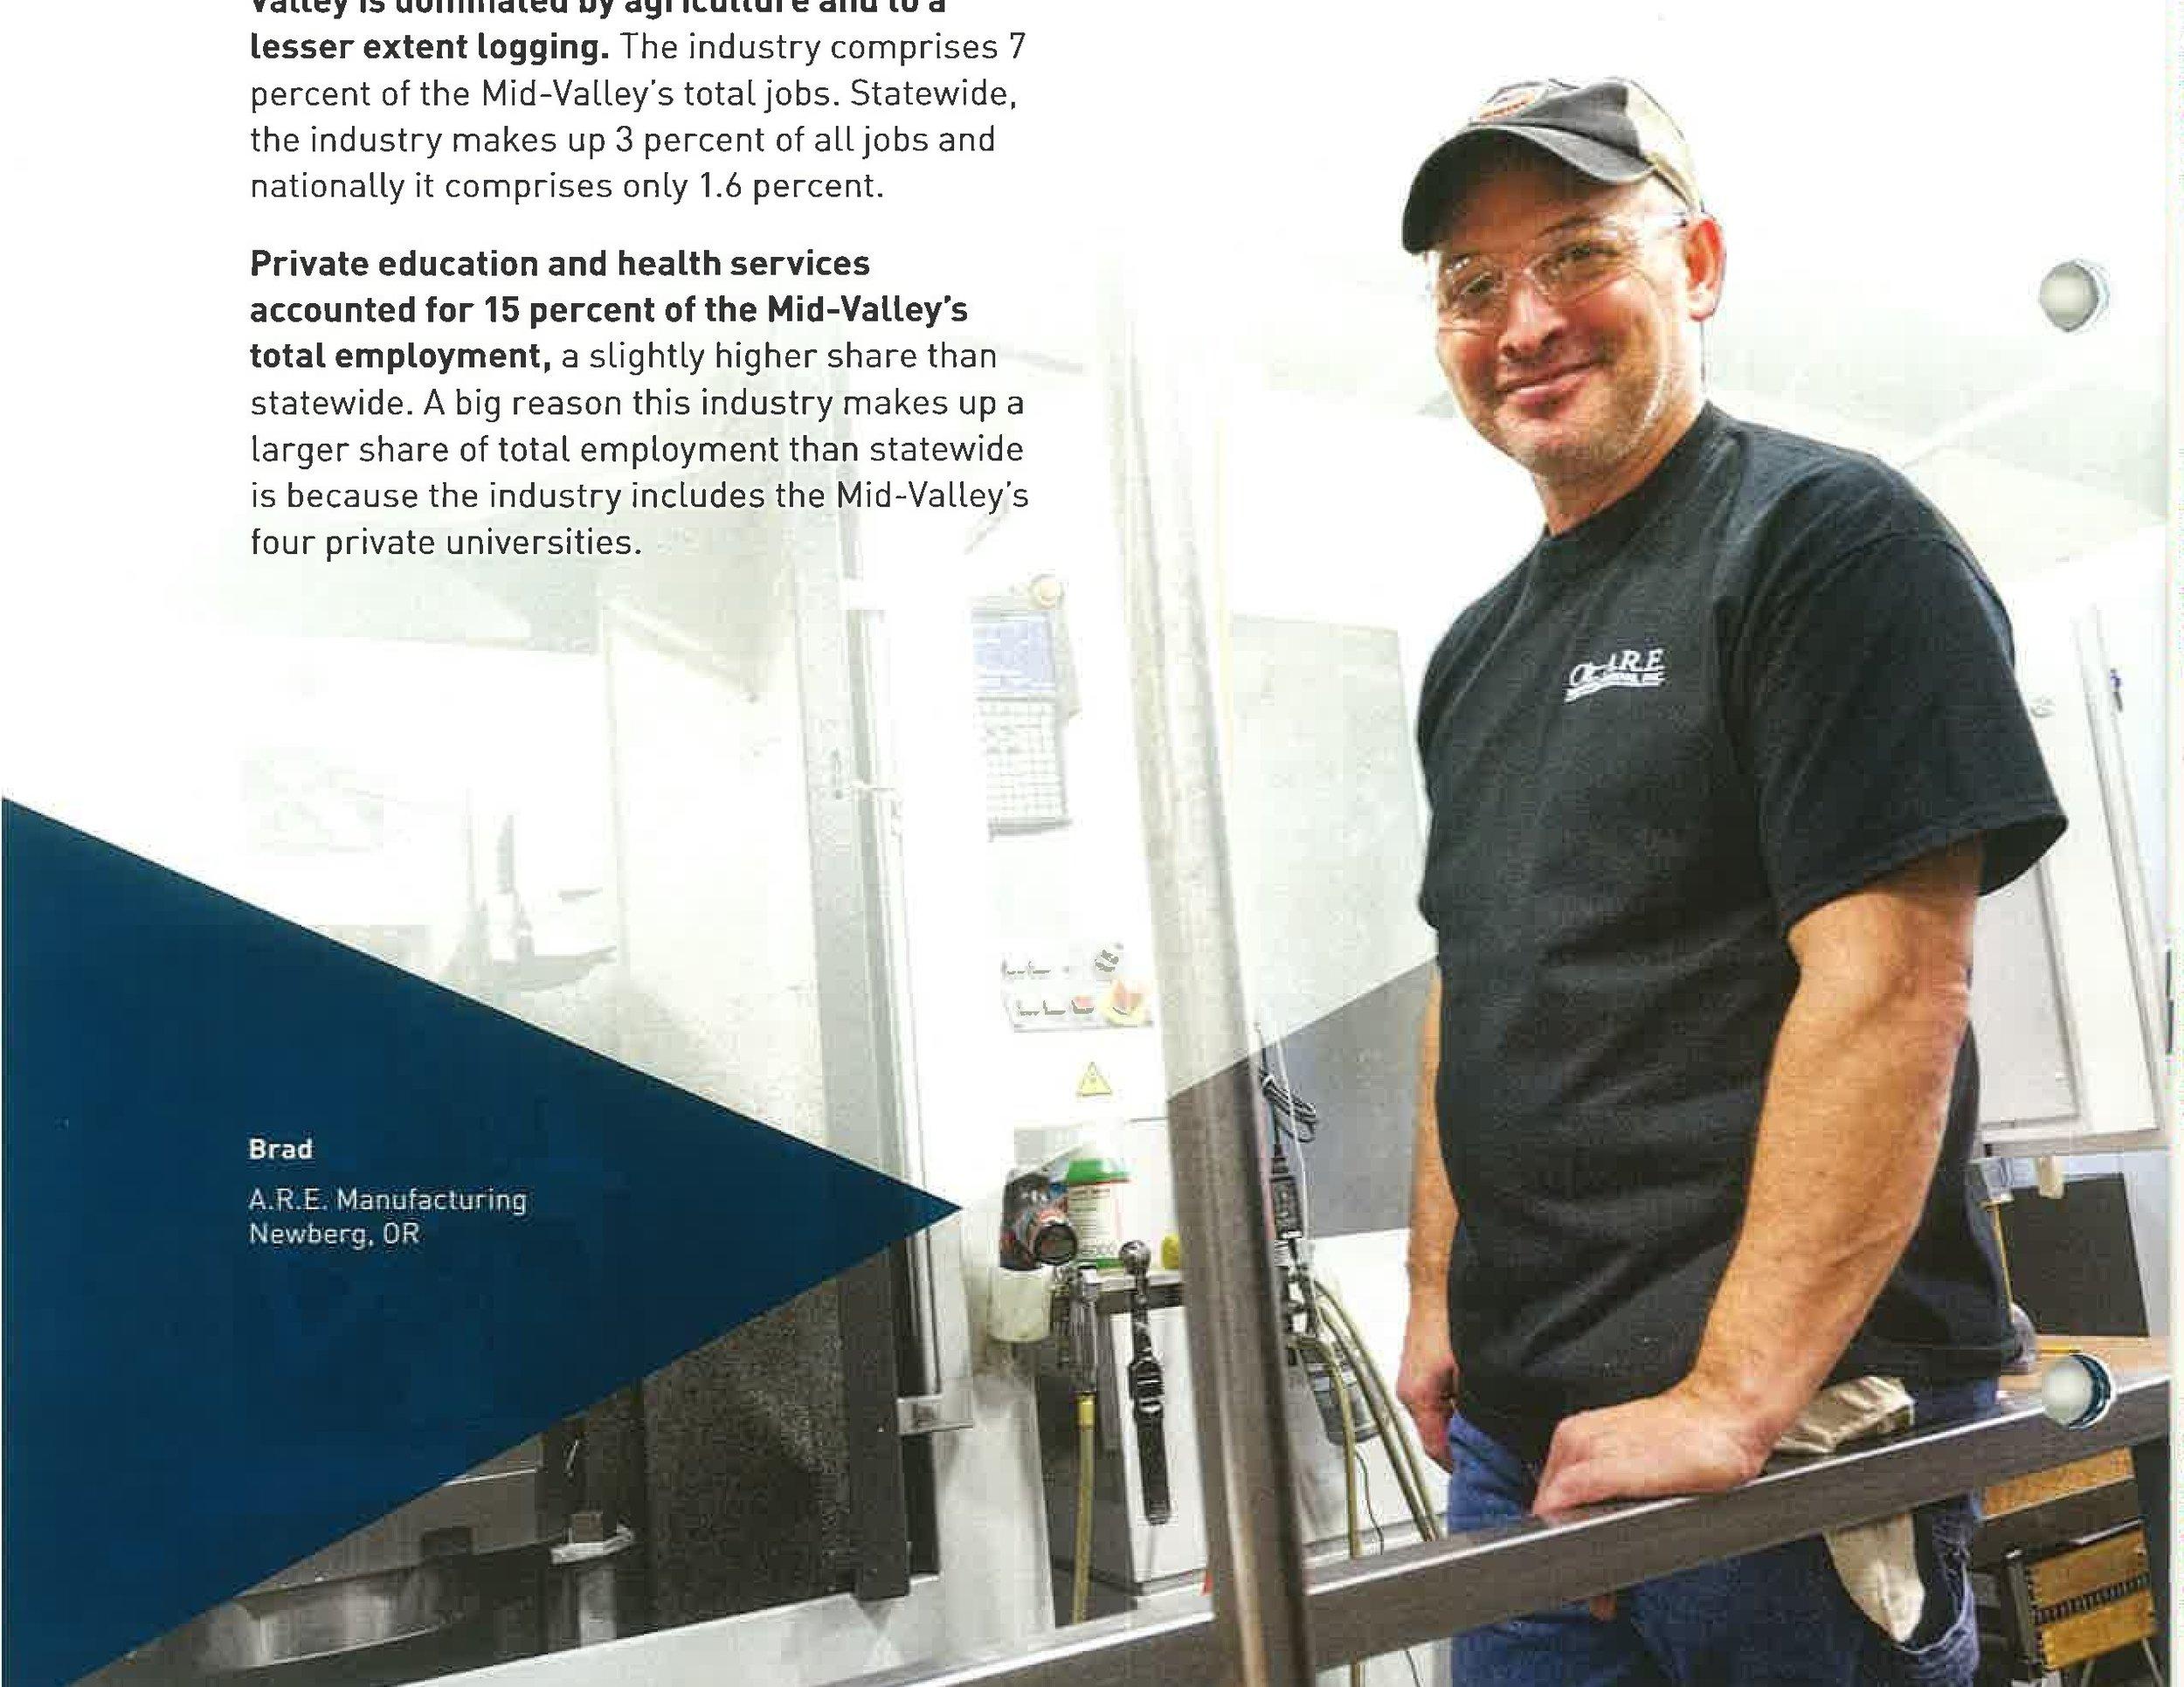 Newberg, Machine shop, Brad Ayers